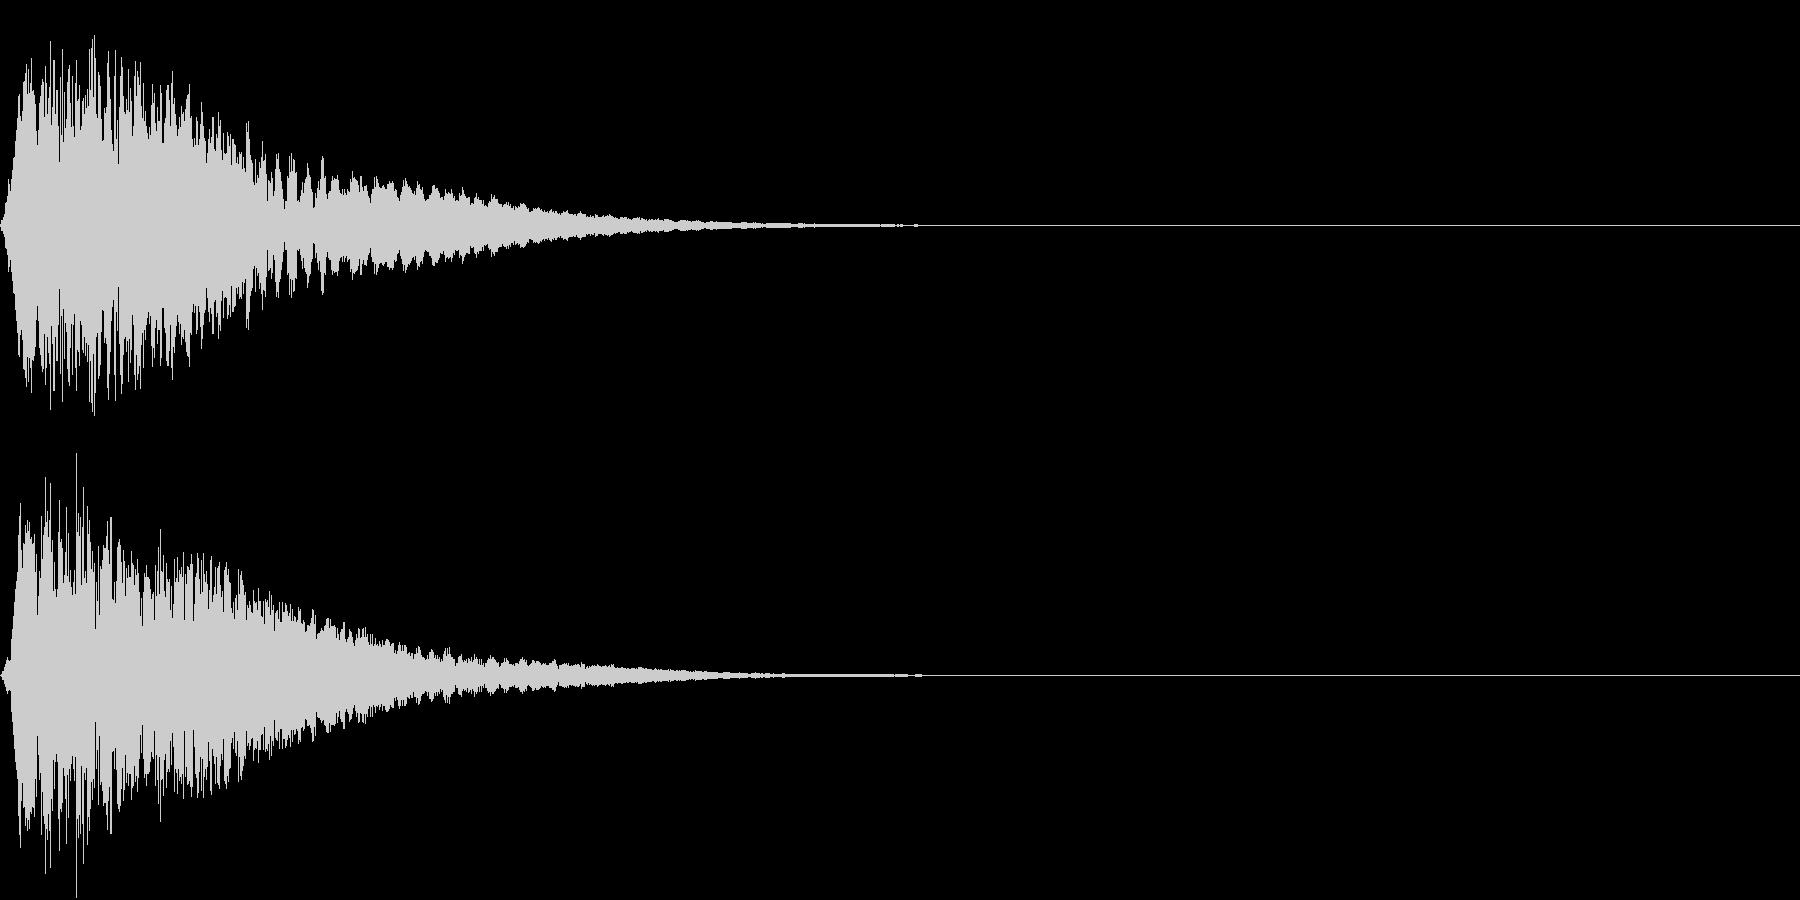 キュイン ボタン ピキーン キーン 18の未再生の波形